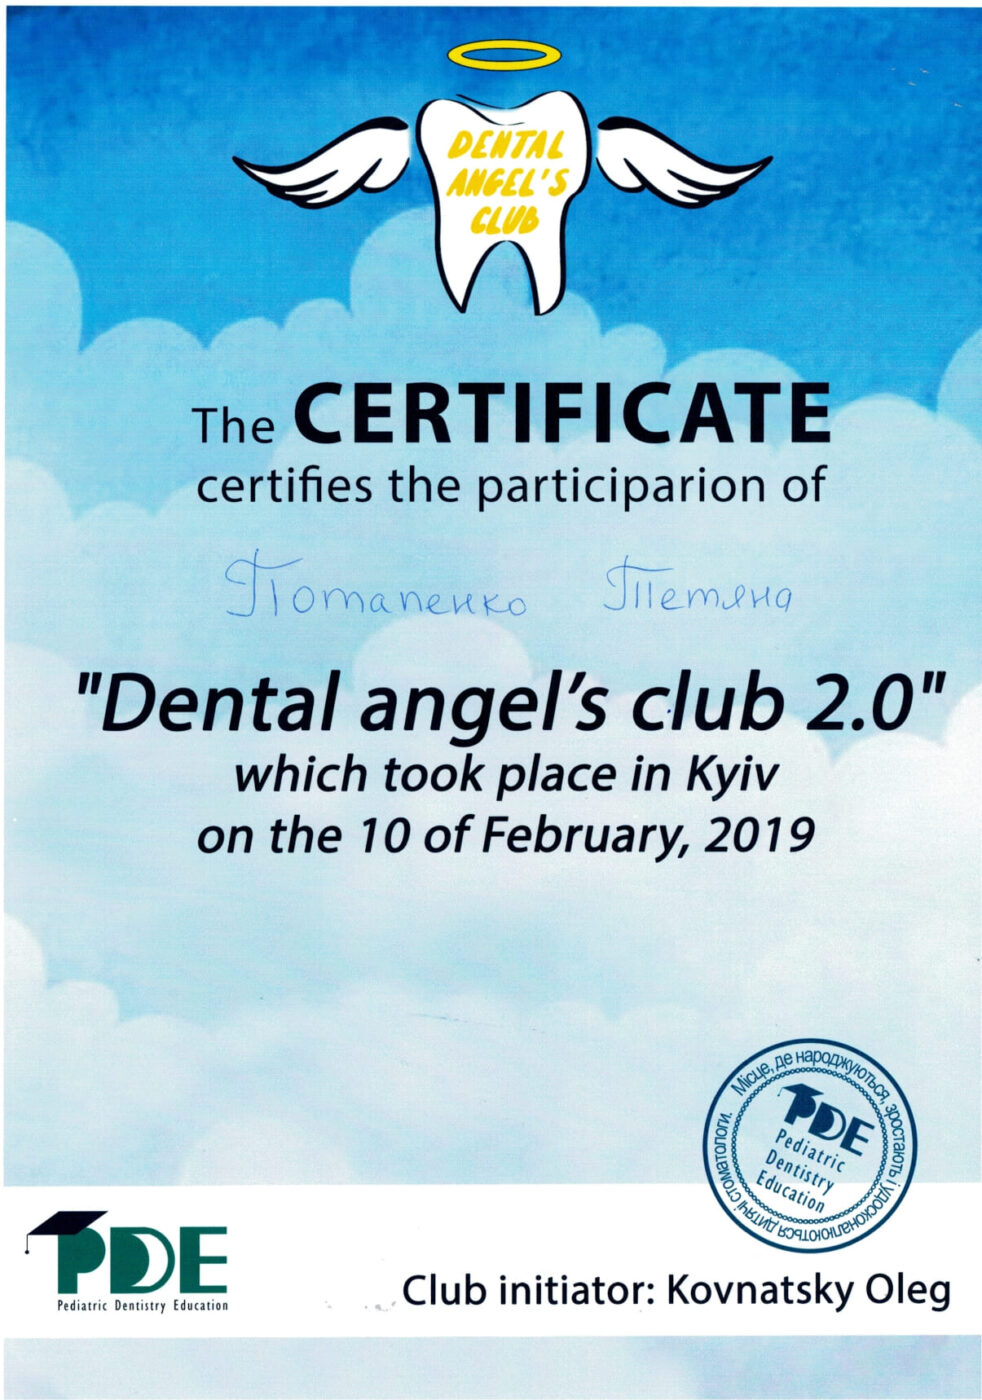 Сертифікат дитячого лікаря стоматолога Потапенко Тетяни Олексіївни об участі у курсі (Dental angel's club 2.0)